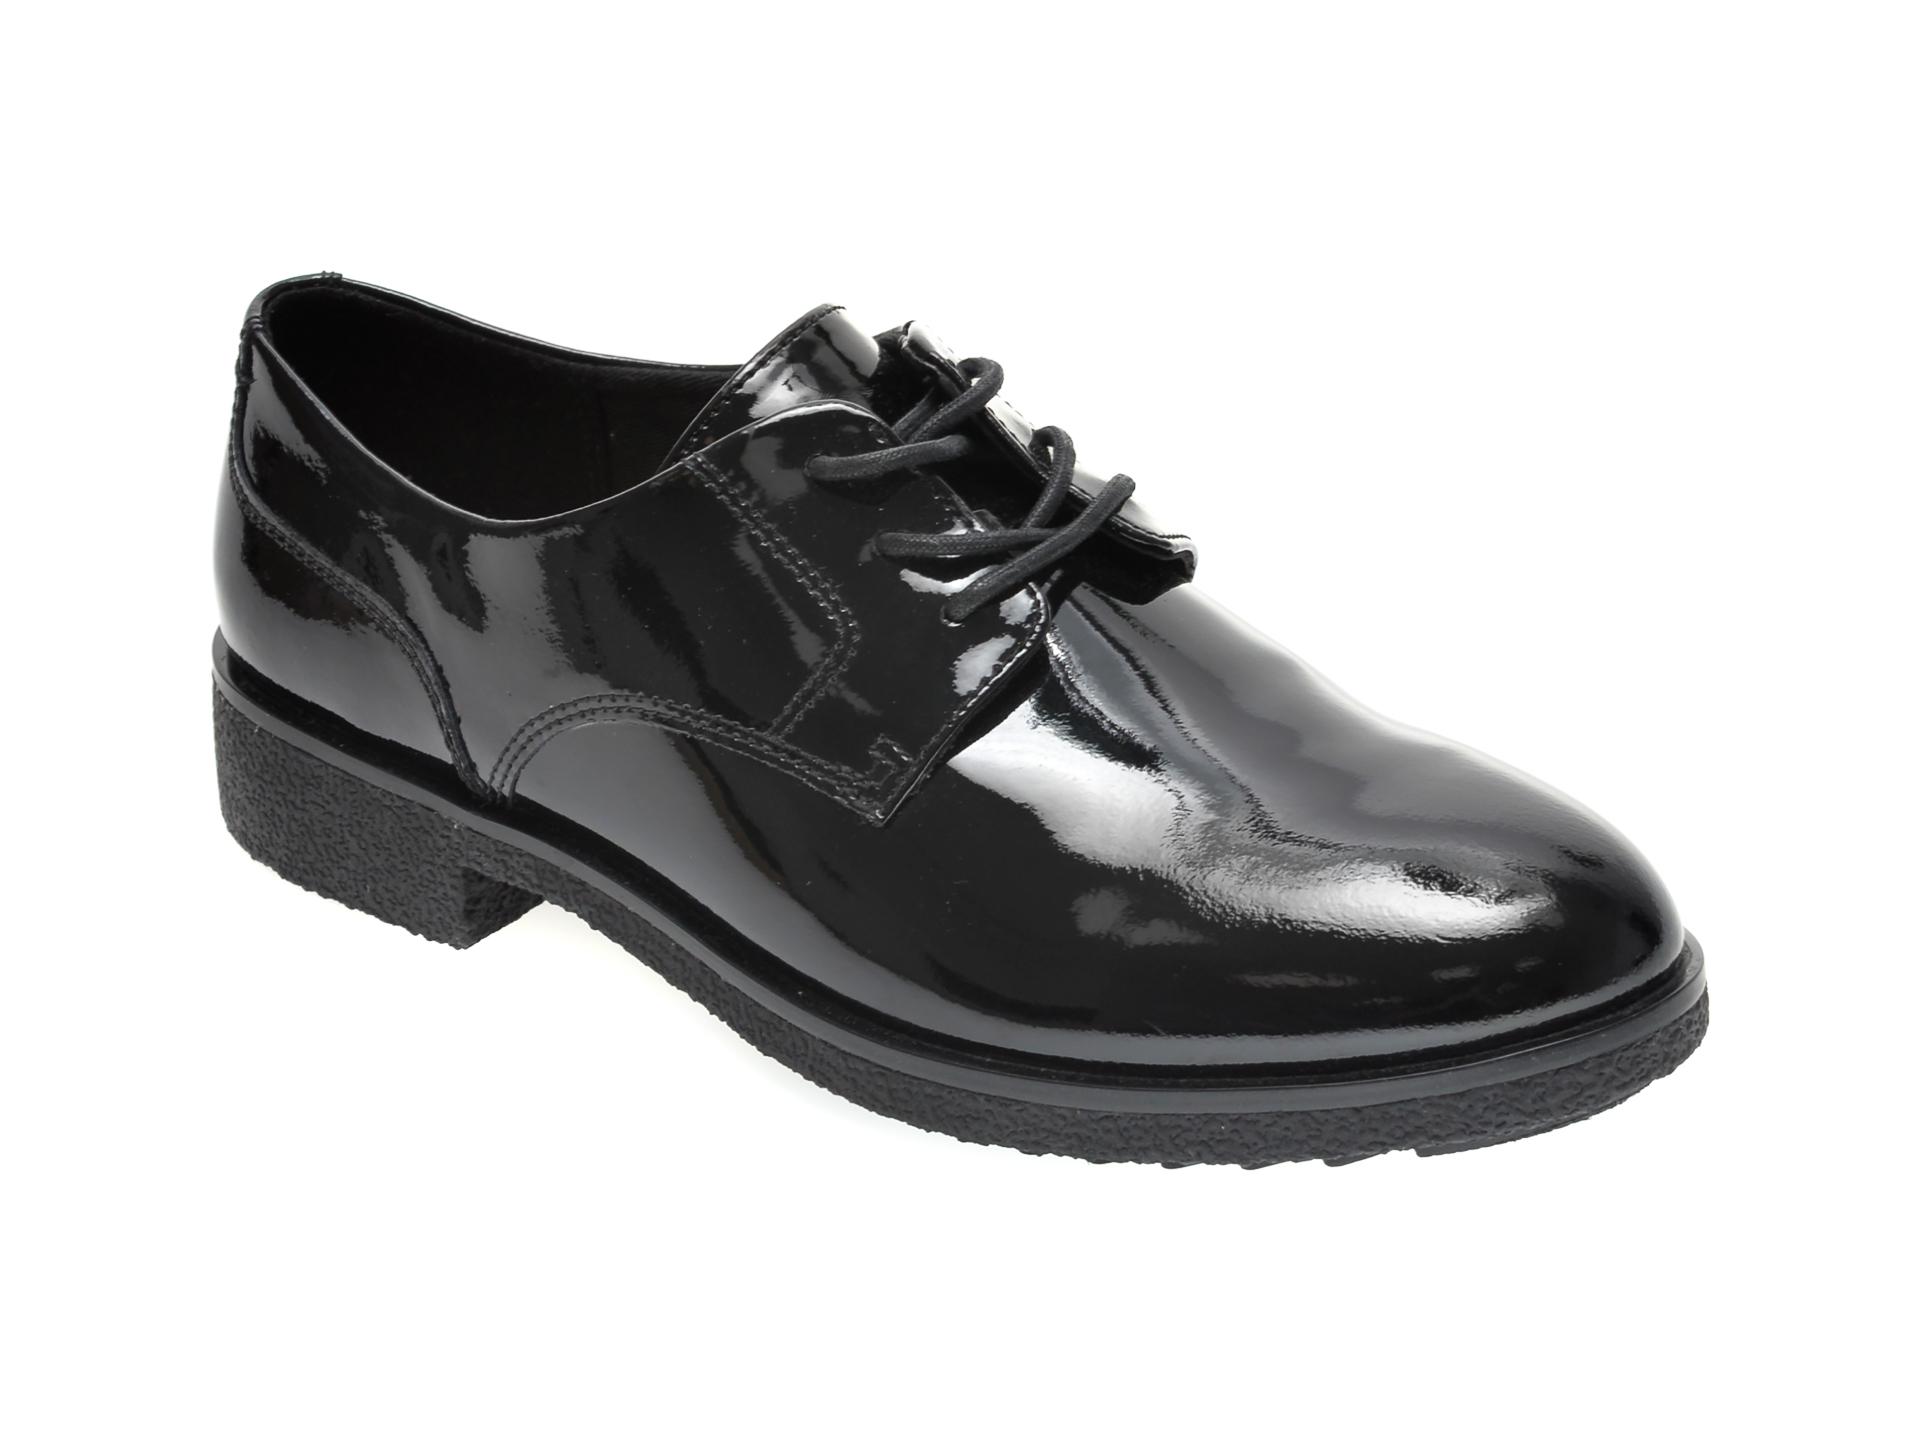 Pantofi CLARKS negri, GRIFFIN LANE, din piele ecologica imagine